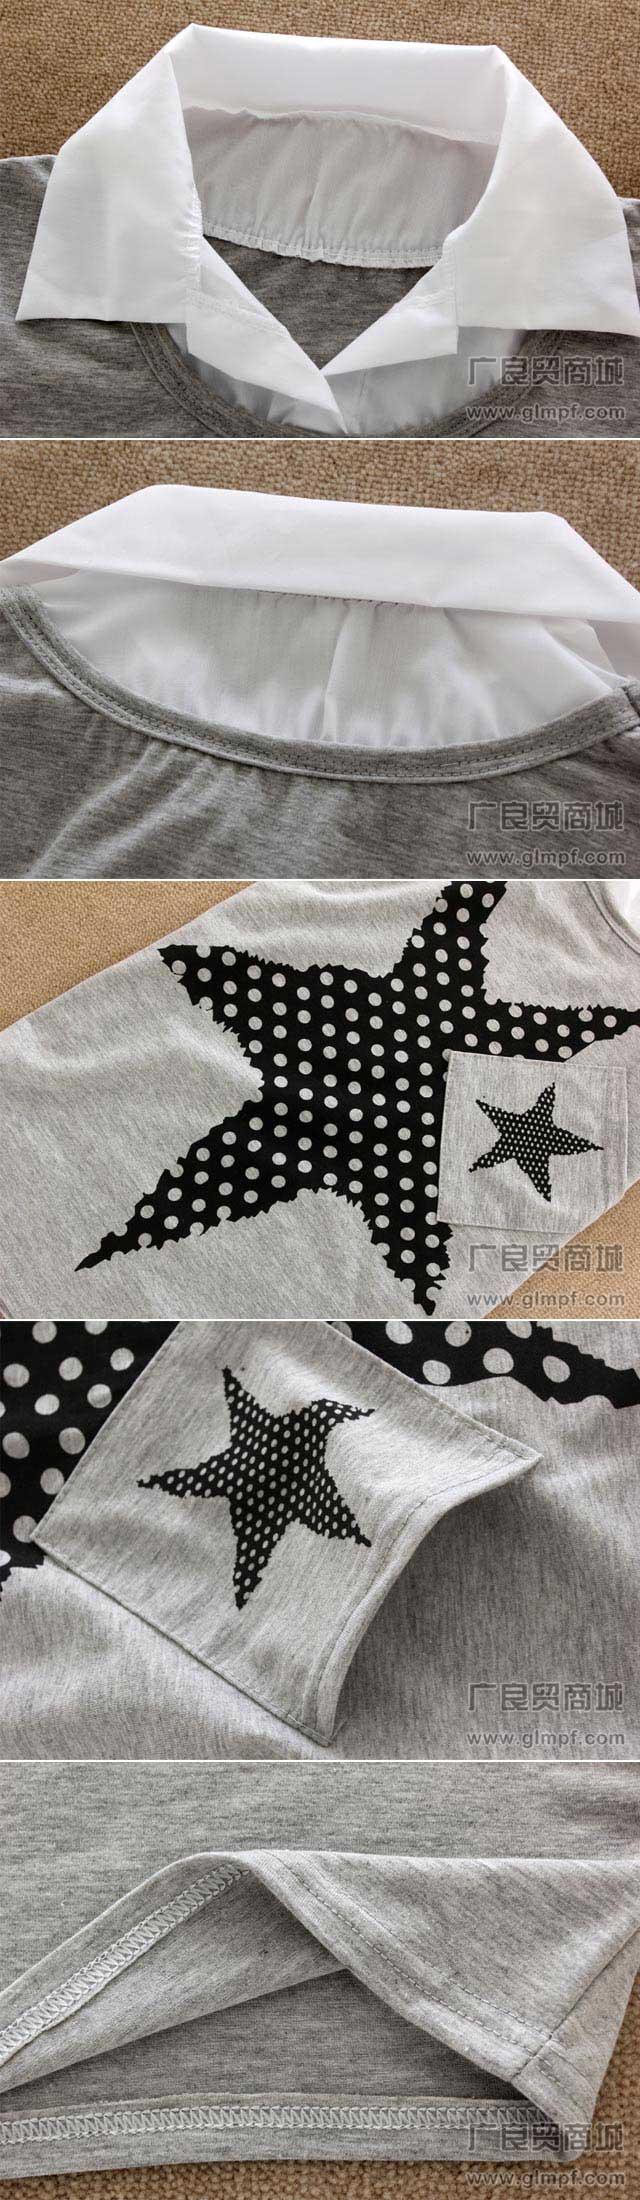 上海韩版T恤批发